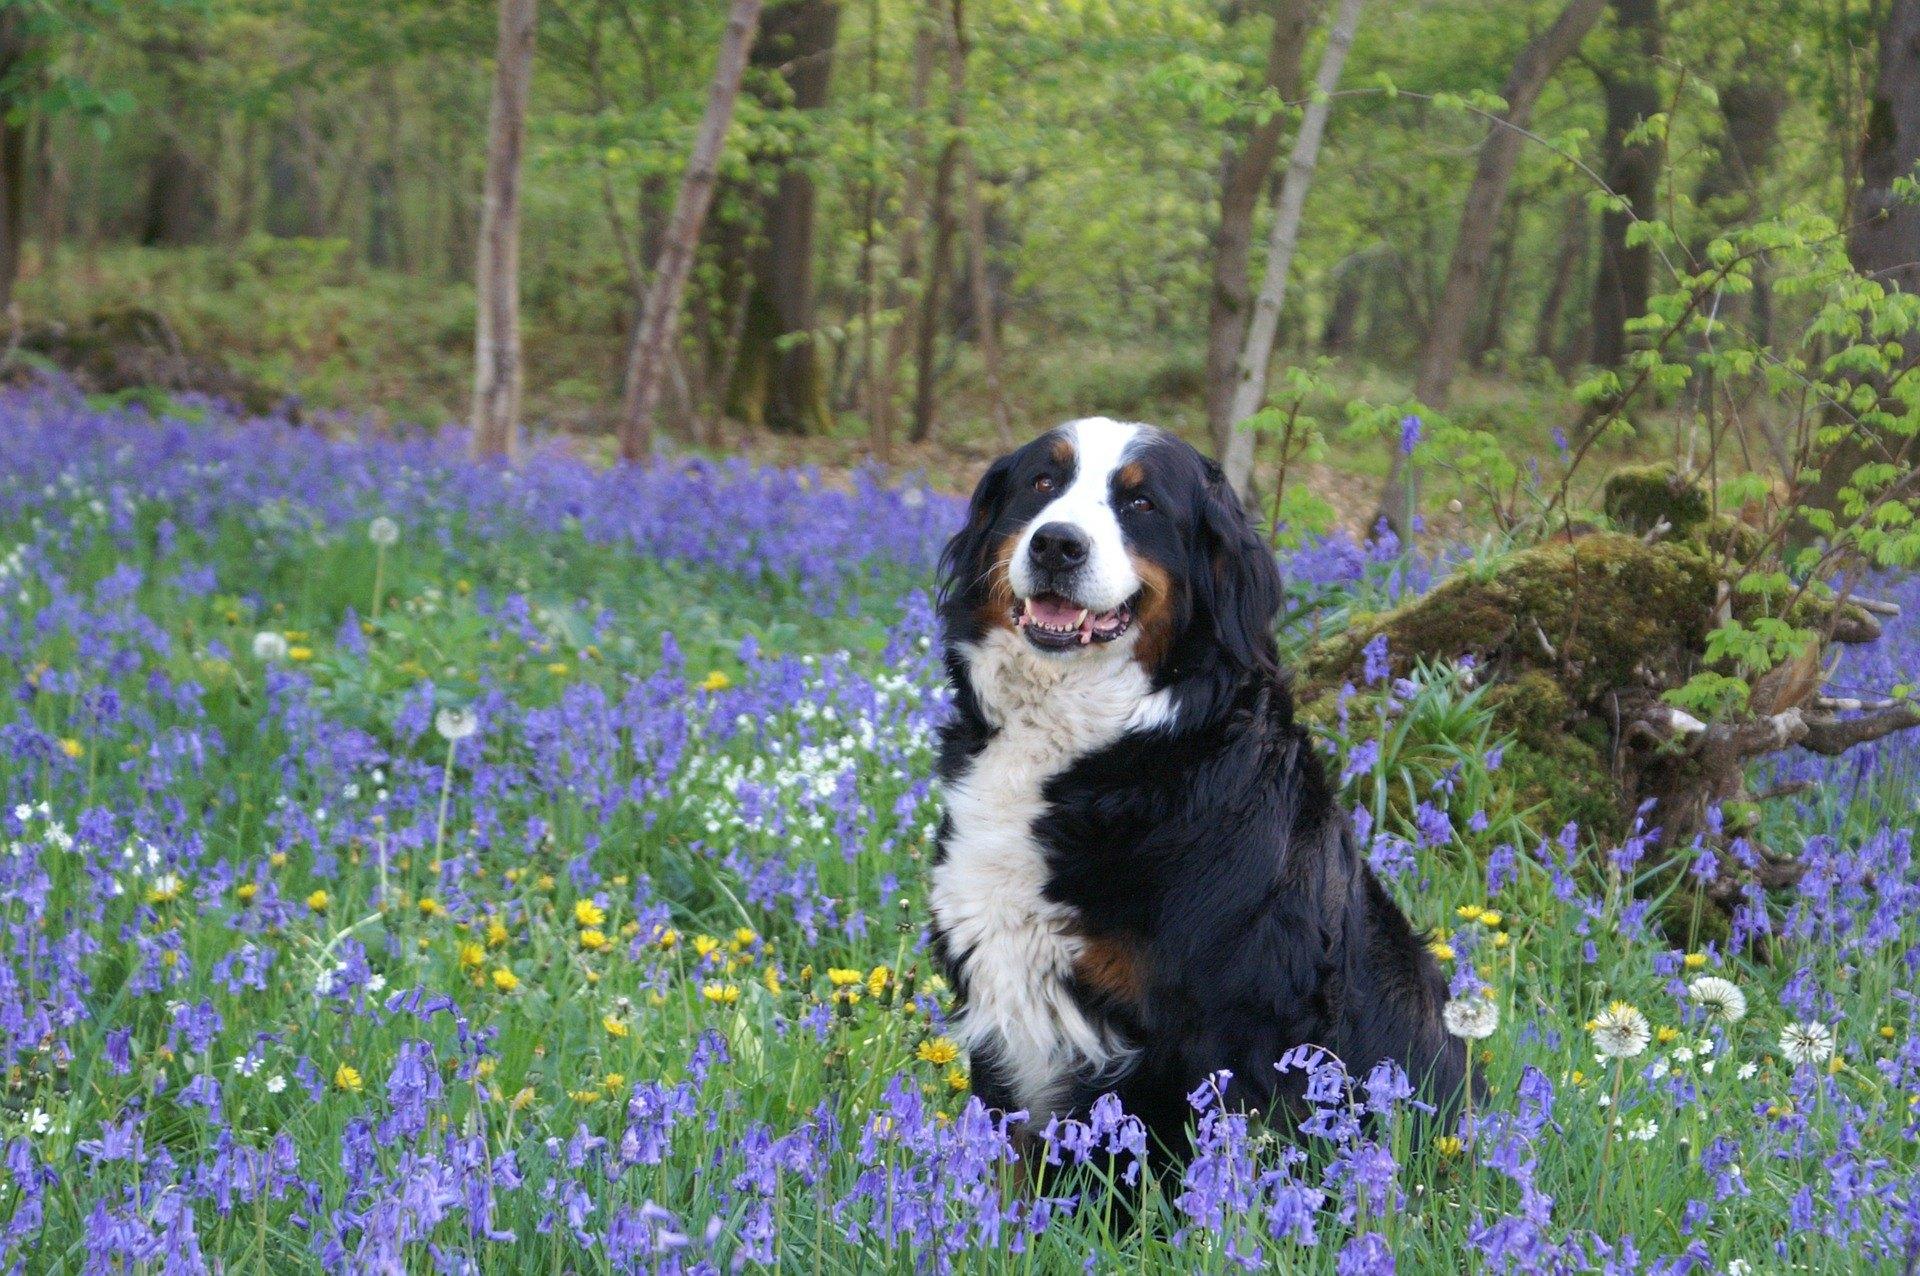 Bernský salašnícky pes kombinuje veľkú silu, pokoj, jemnosť a lásku k pohladeniu. Koľko rokov žije?